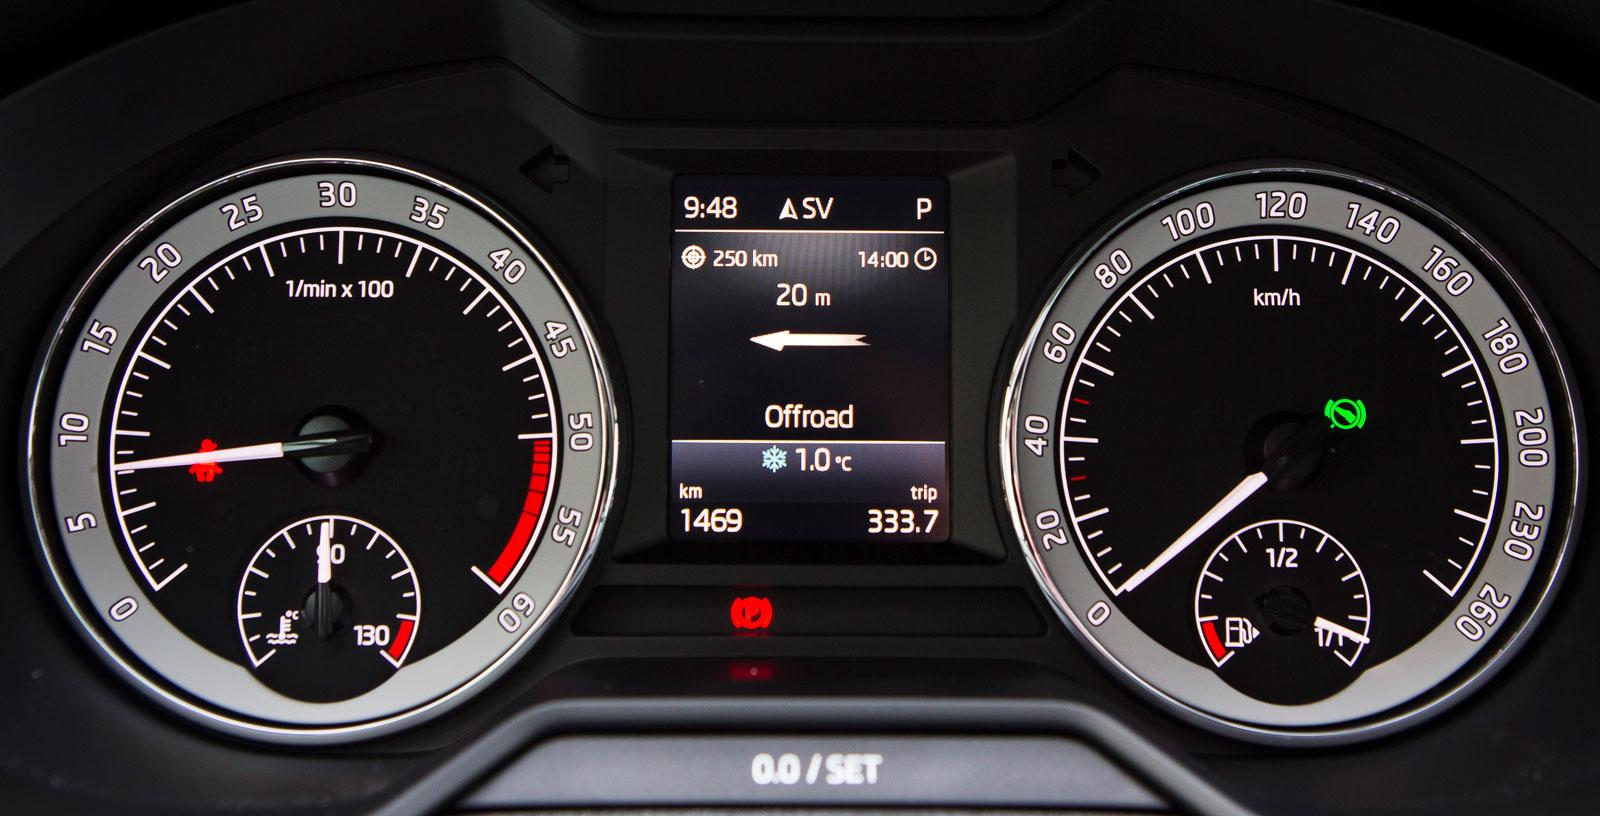 Skoda erbjuder inte samma möjlighet till digital instrumentering som Audi. Nyare Skoda-modeller har helt digitalt mätarkluster.